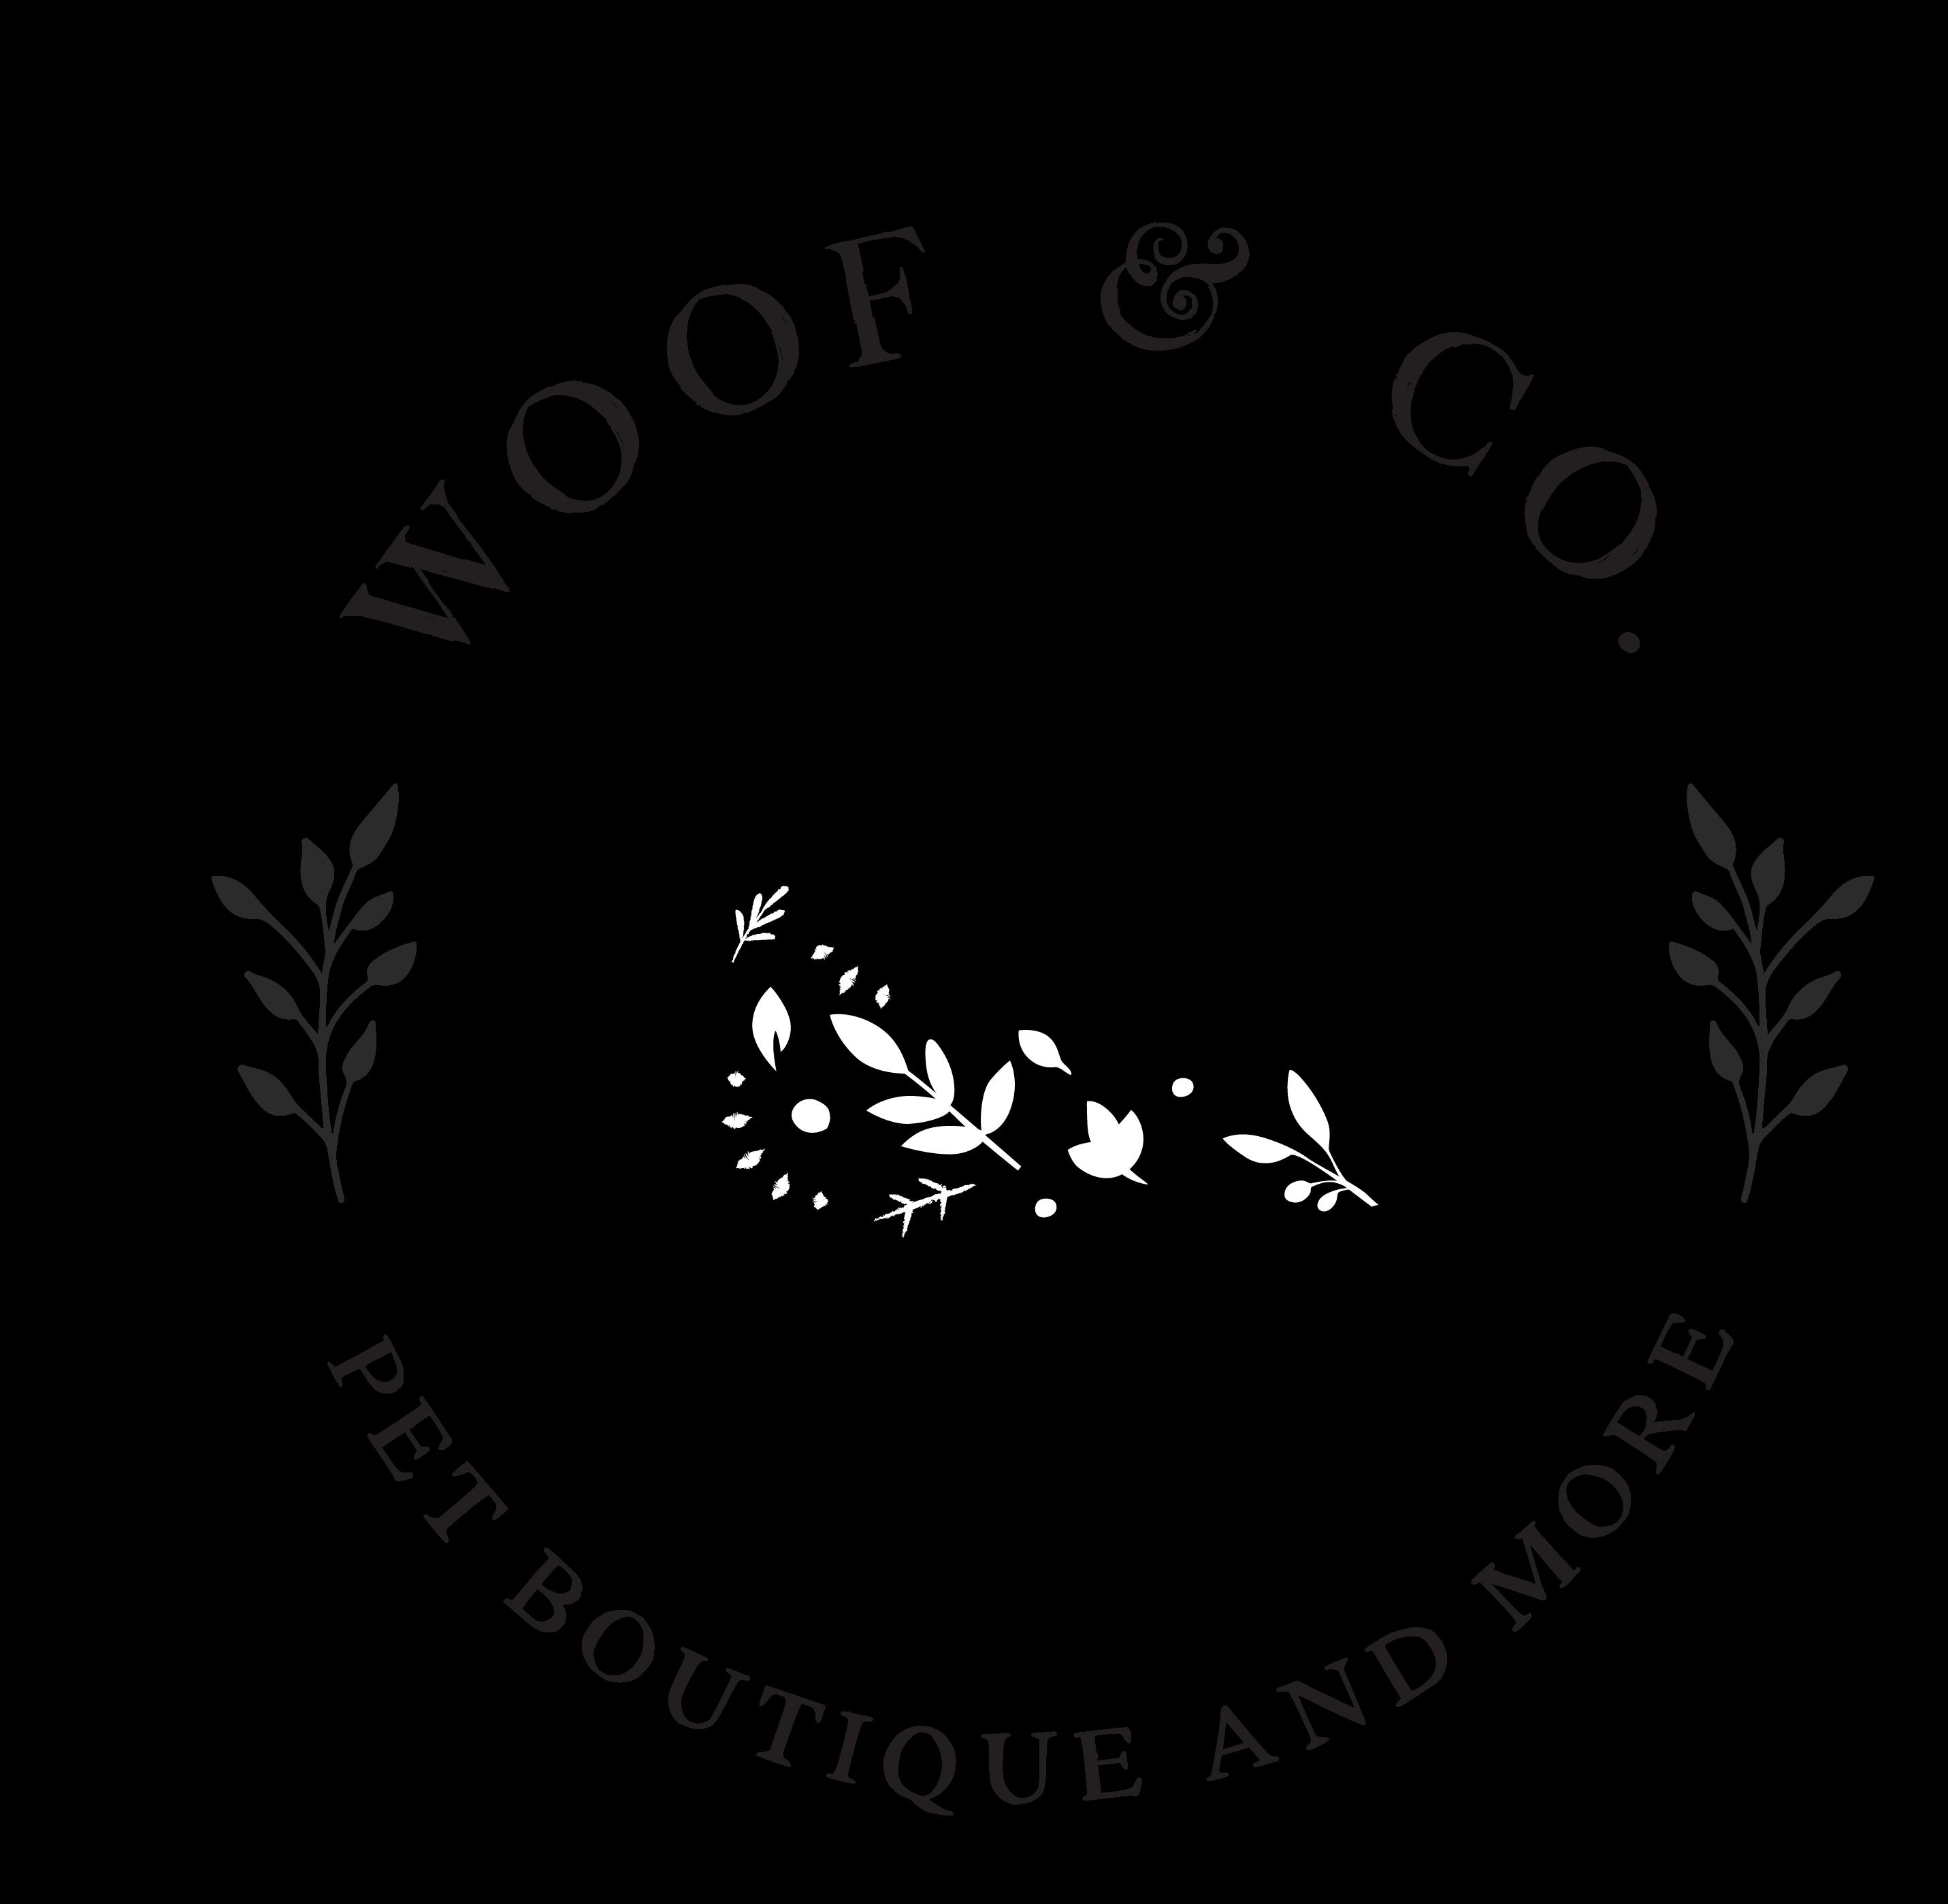 Woof & Co